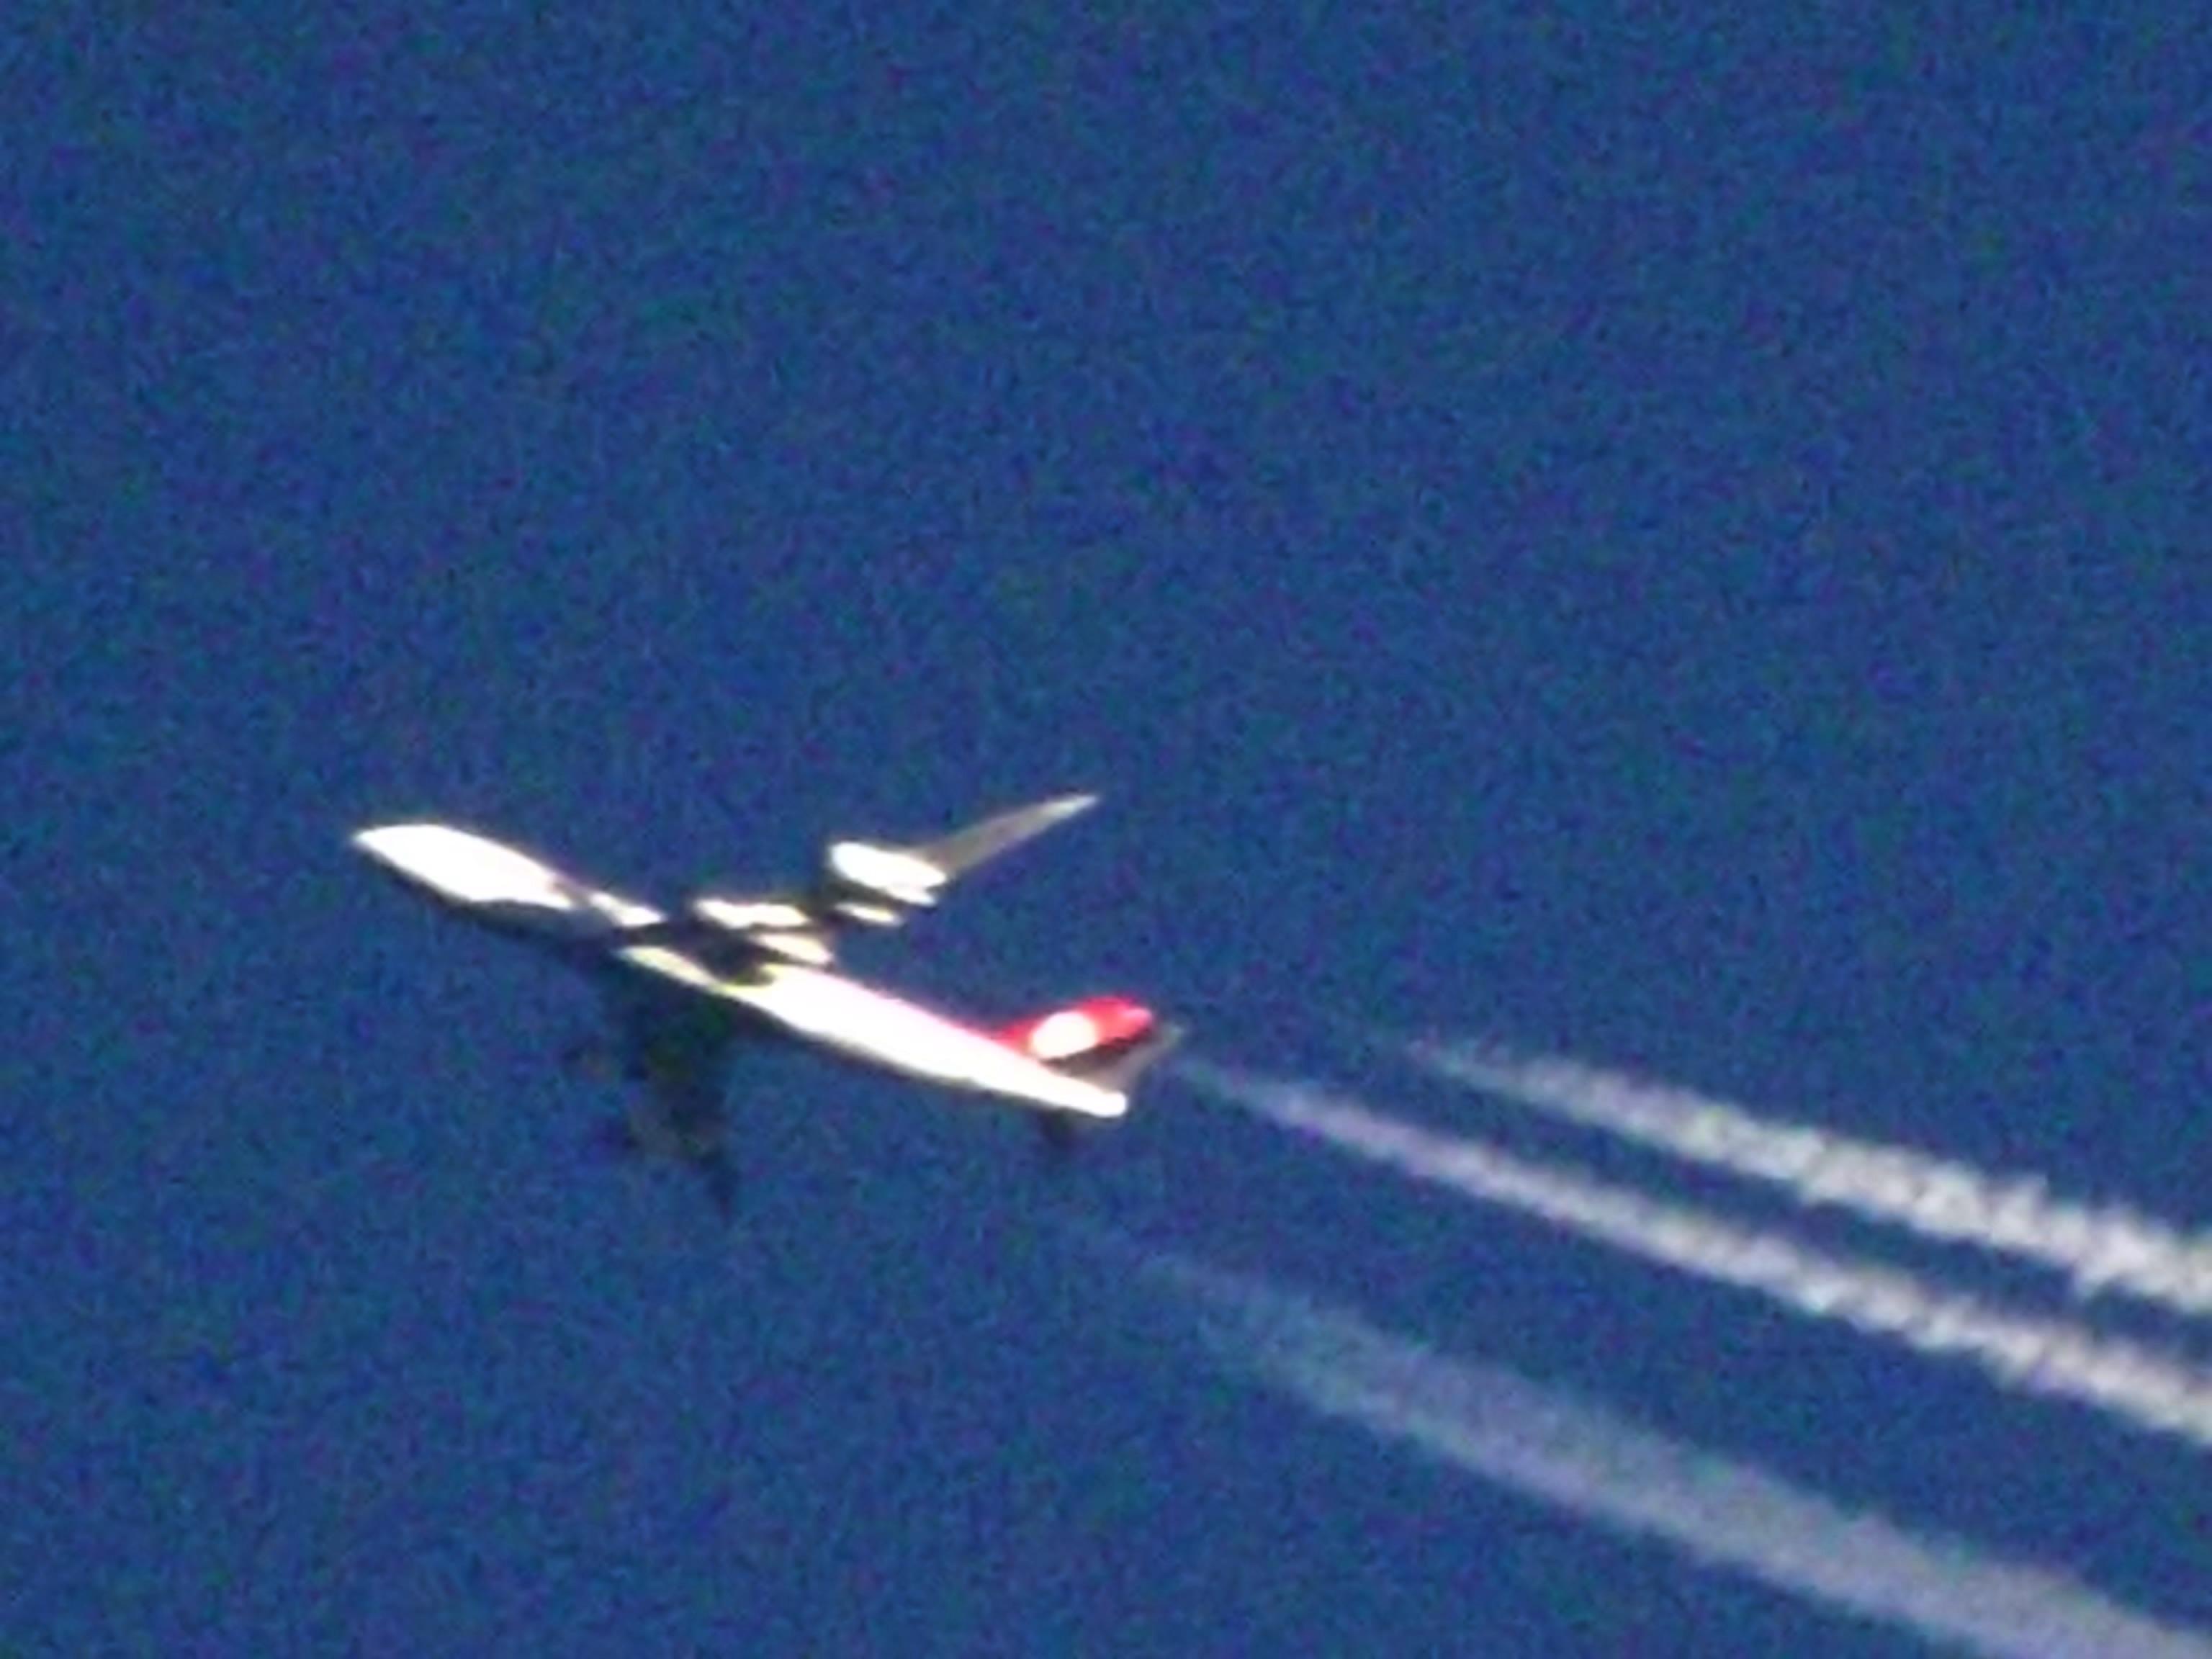 Boeing-747-aus-der-ferne